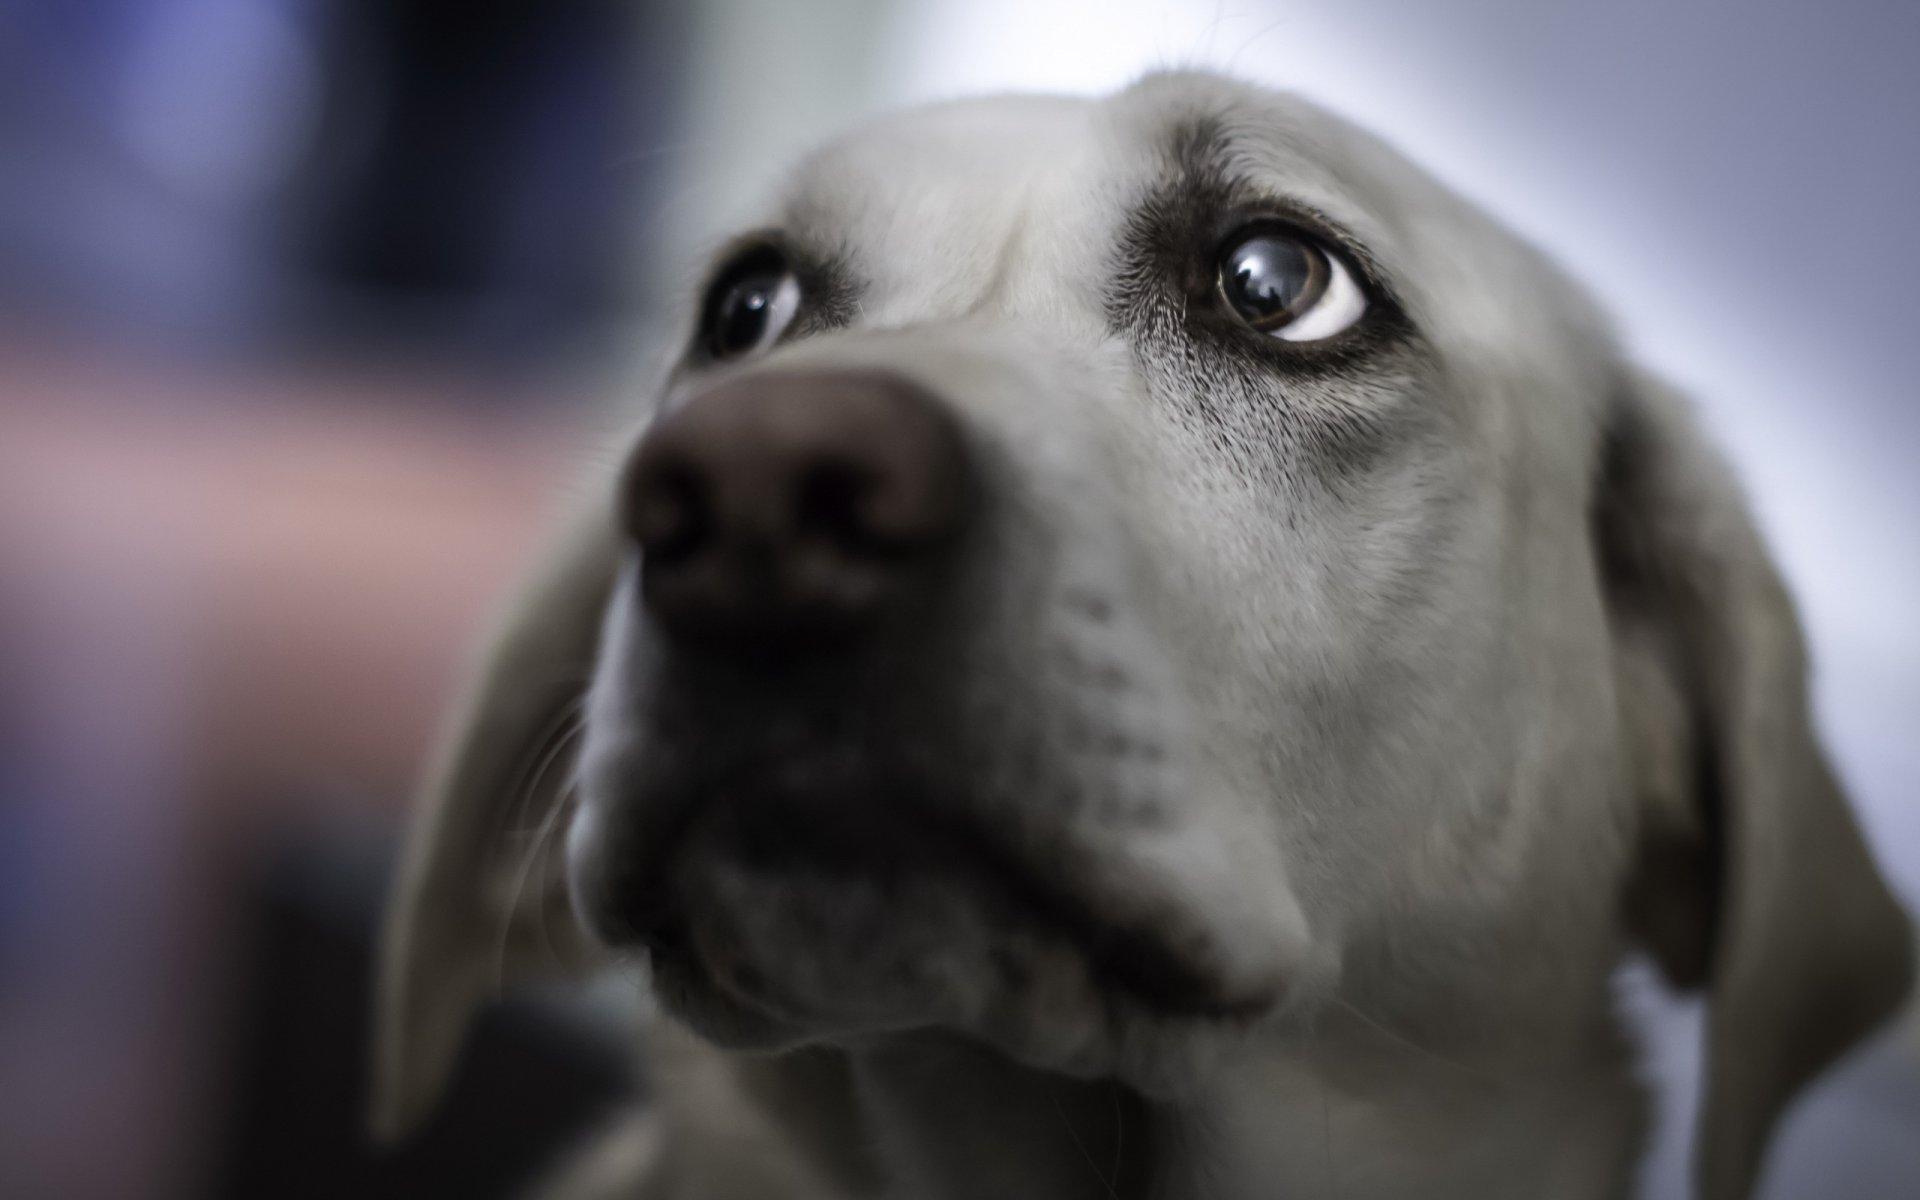 Картинки грустные глаза животных, конверты посткроссинга открытки